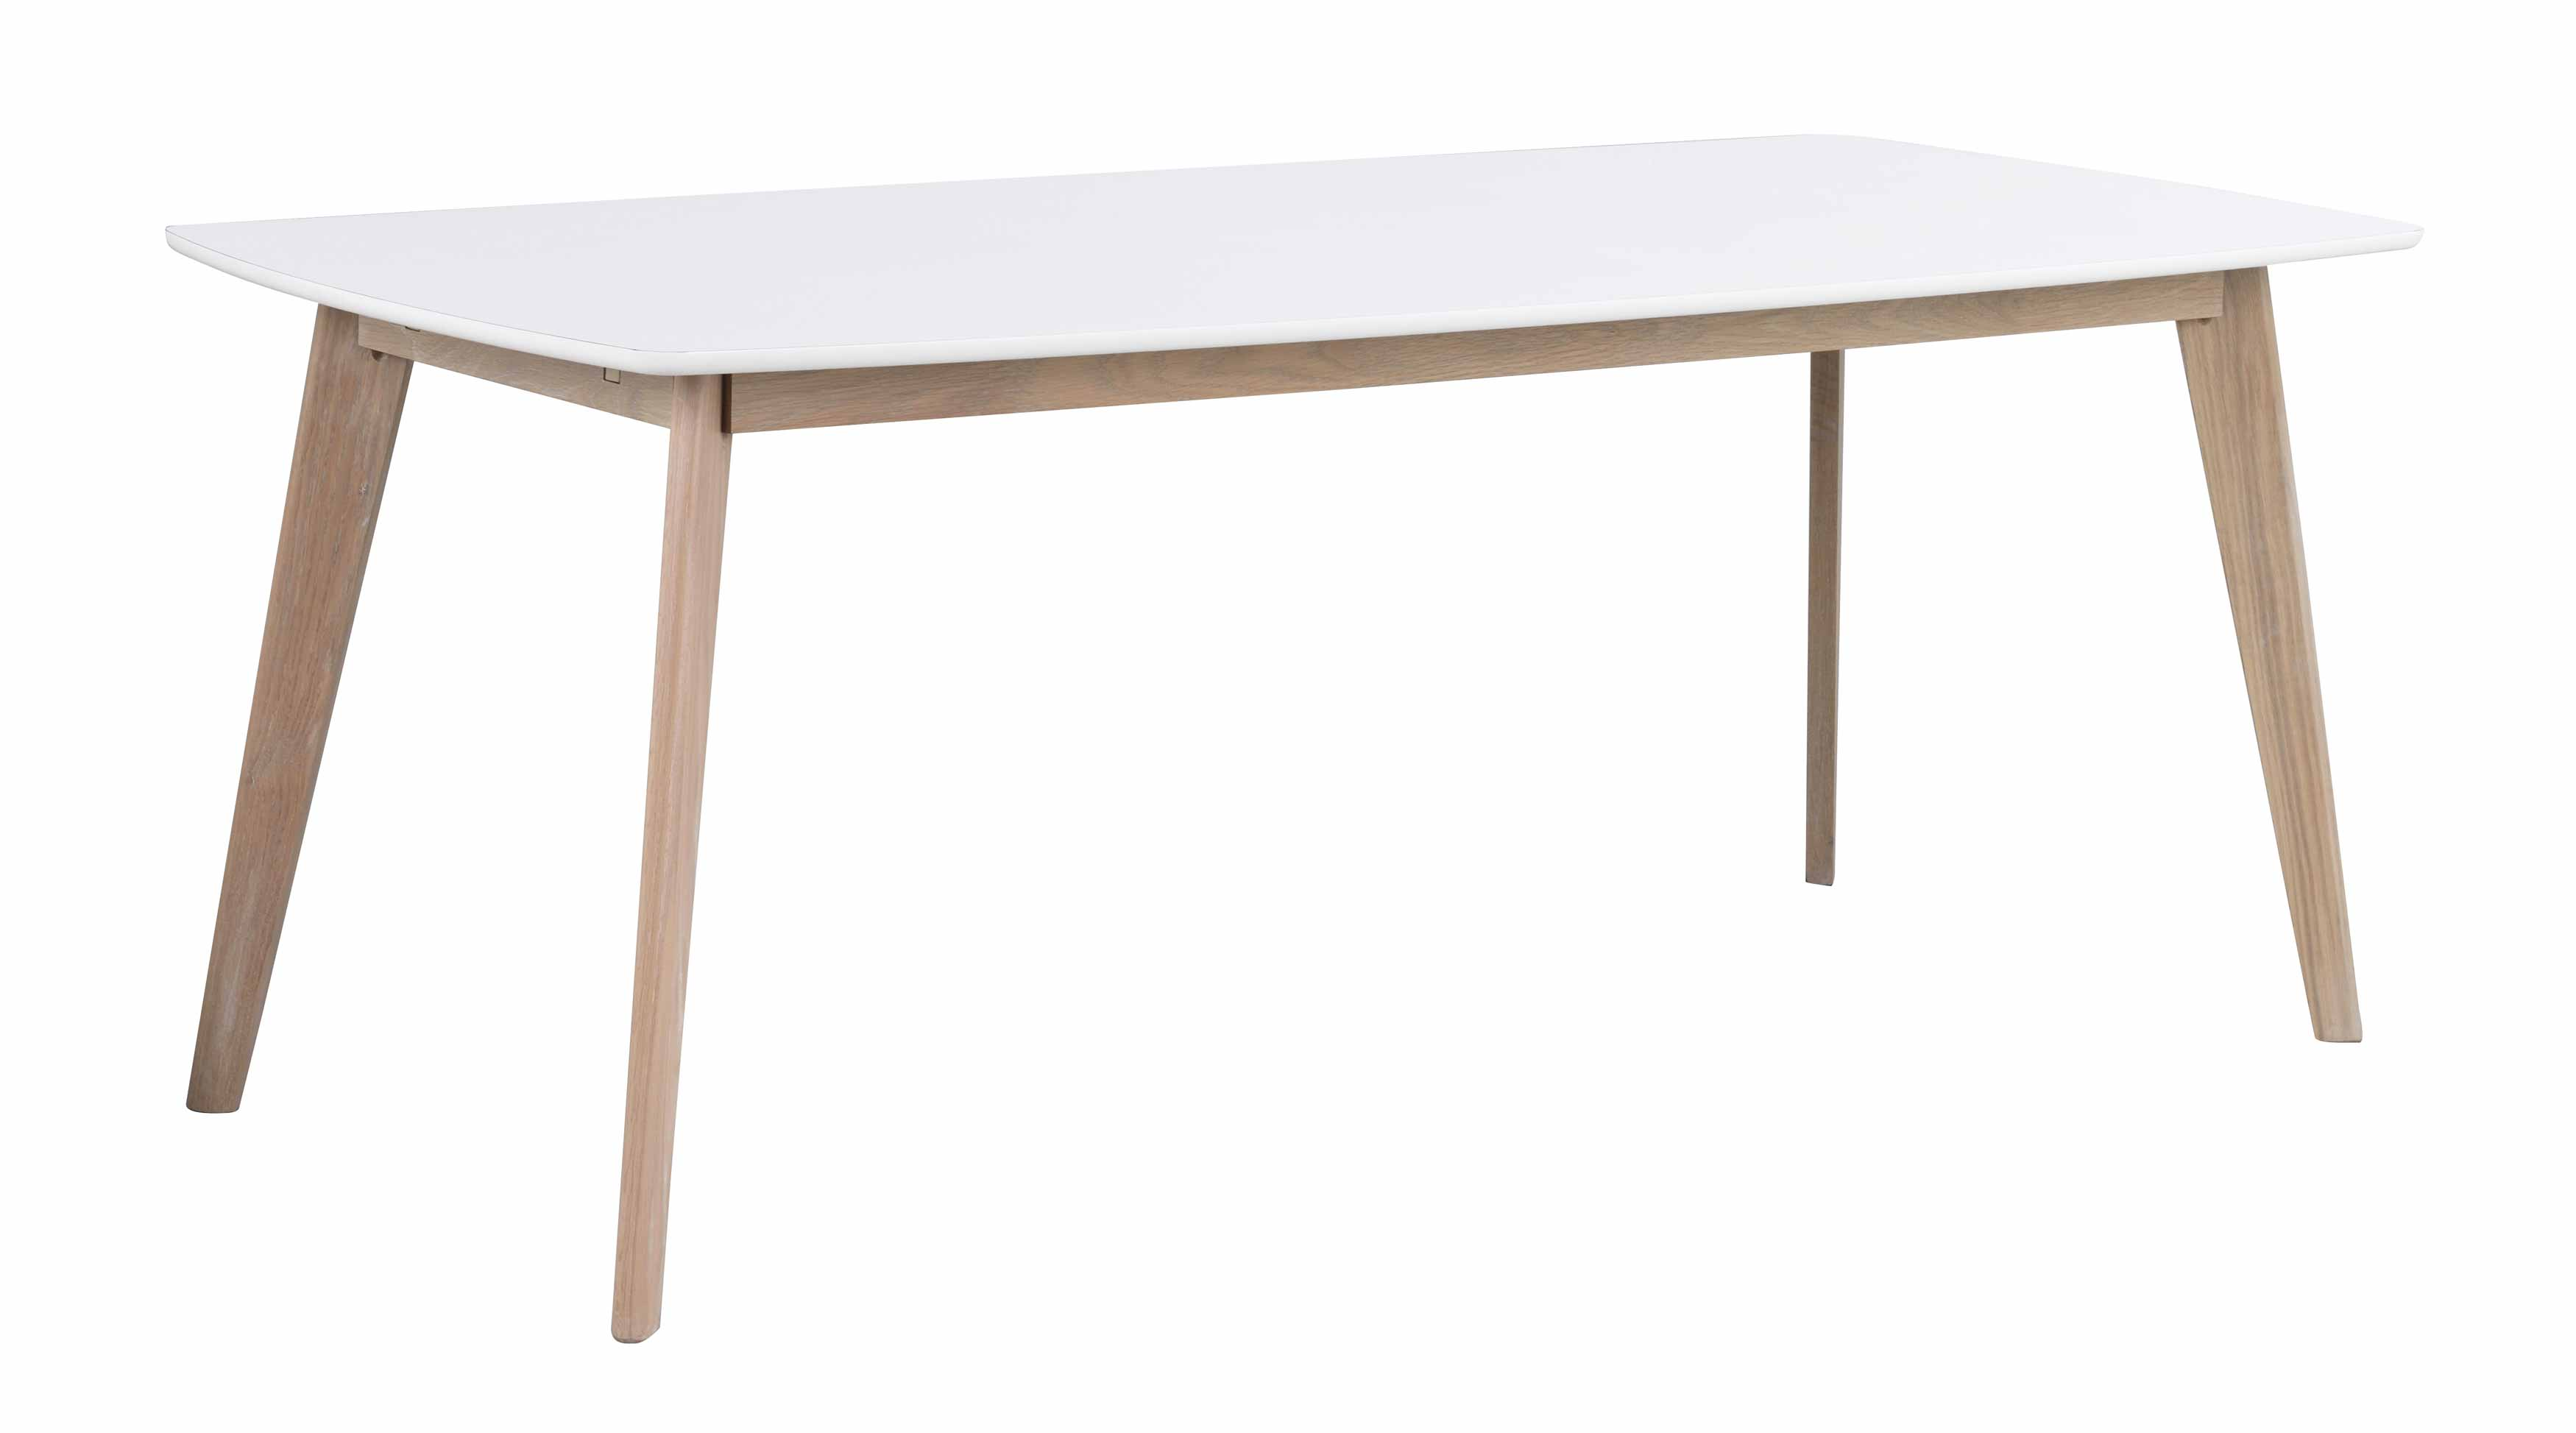 Olivia tillægsplade - Hvid/hvid 45 cm tillæg